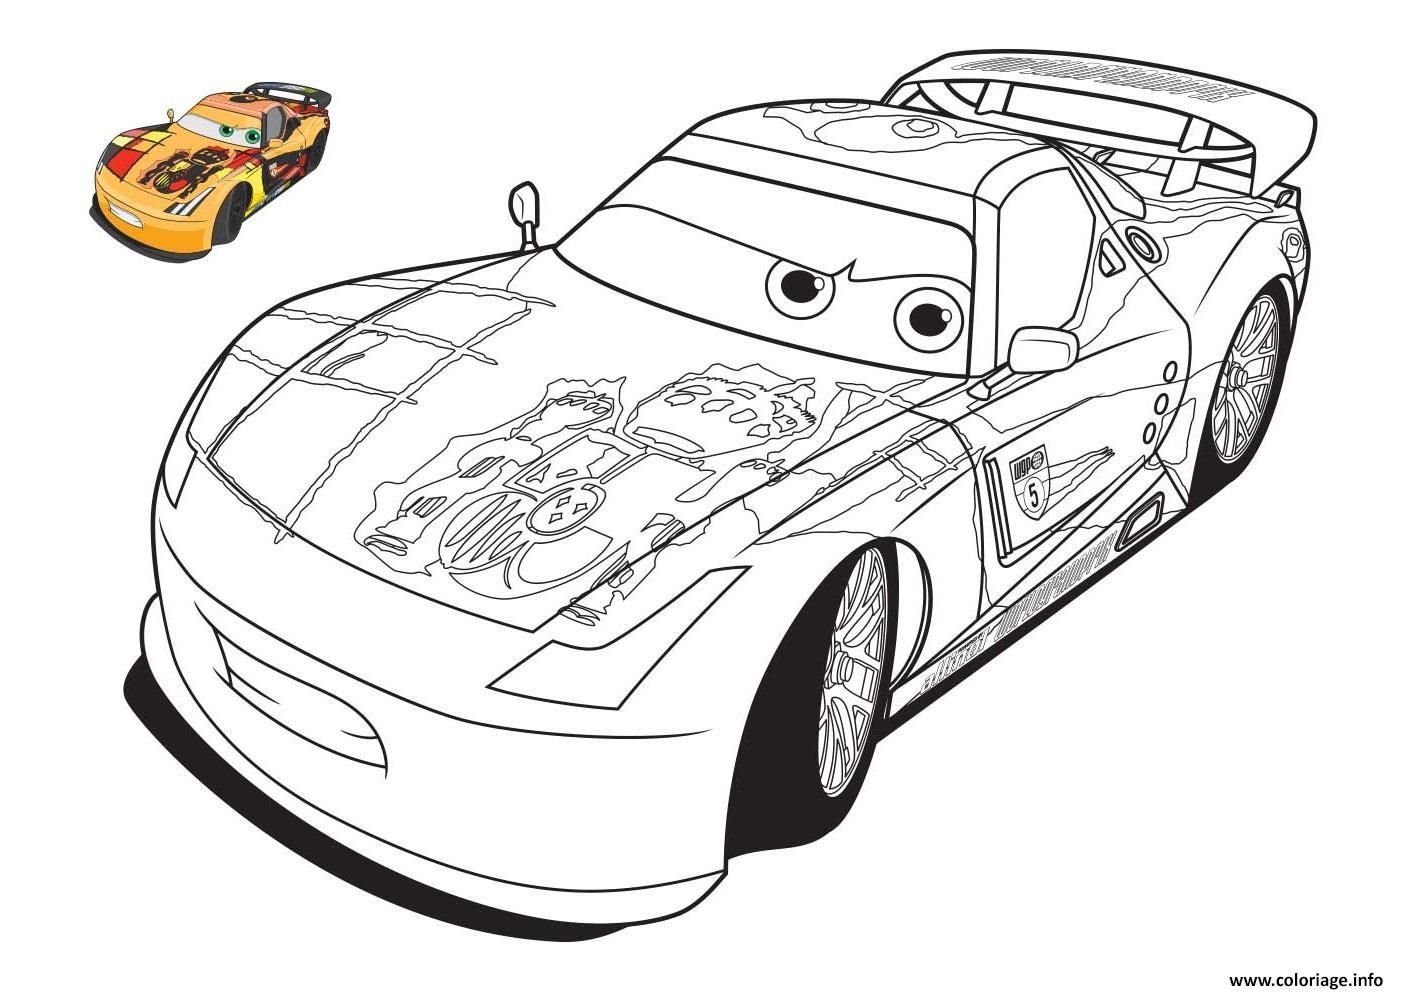 Coloriage Cars 2 A Imprimer.Coloriage Cars 2 Miguel Camilo Voiture Course Jecolorie Com